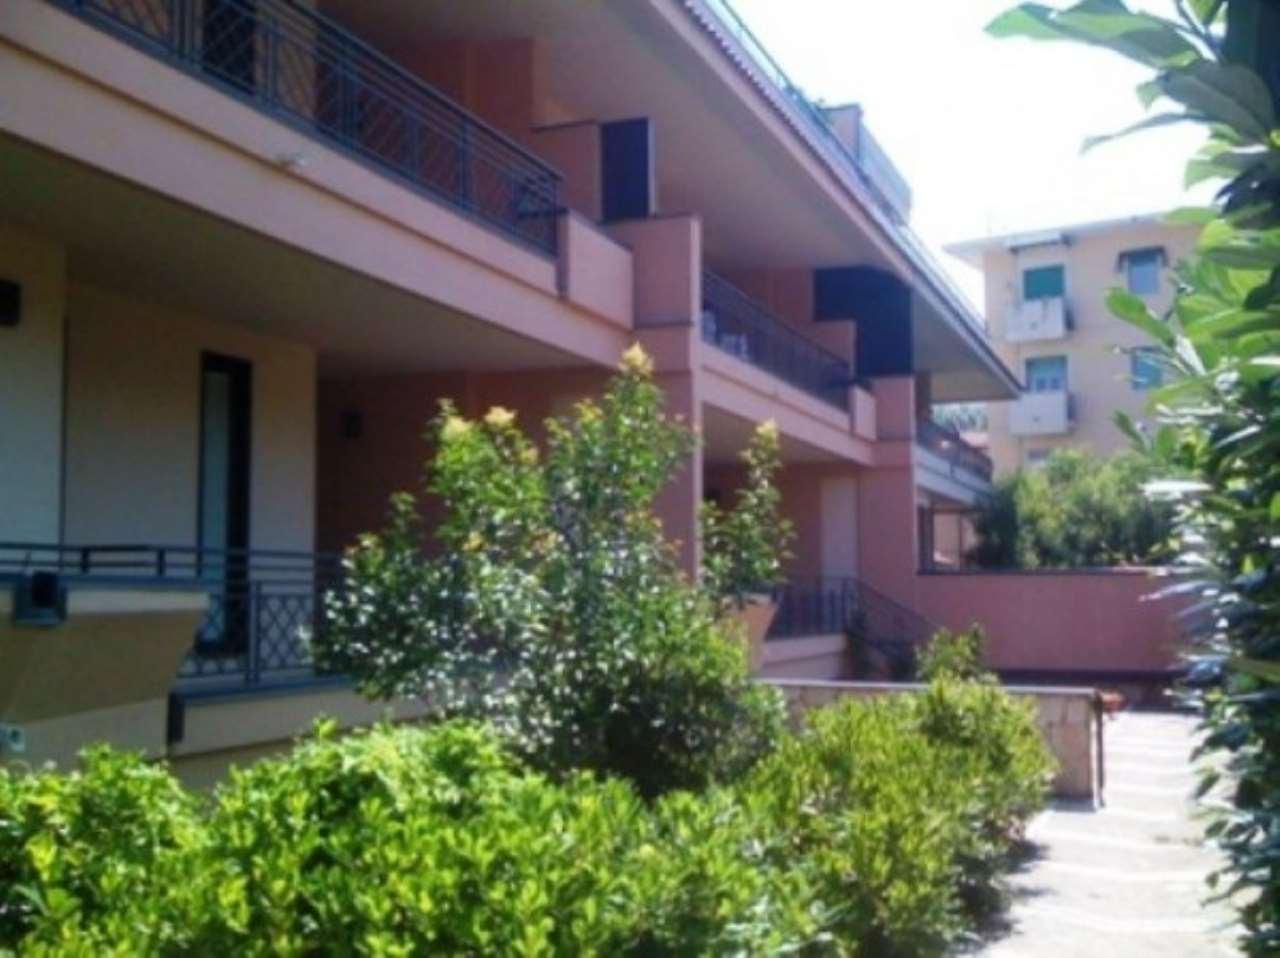 Villa in vendita a Nola, 6 locali, prezzo € 700.000 | CambioCasa.it